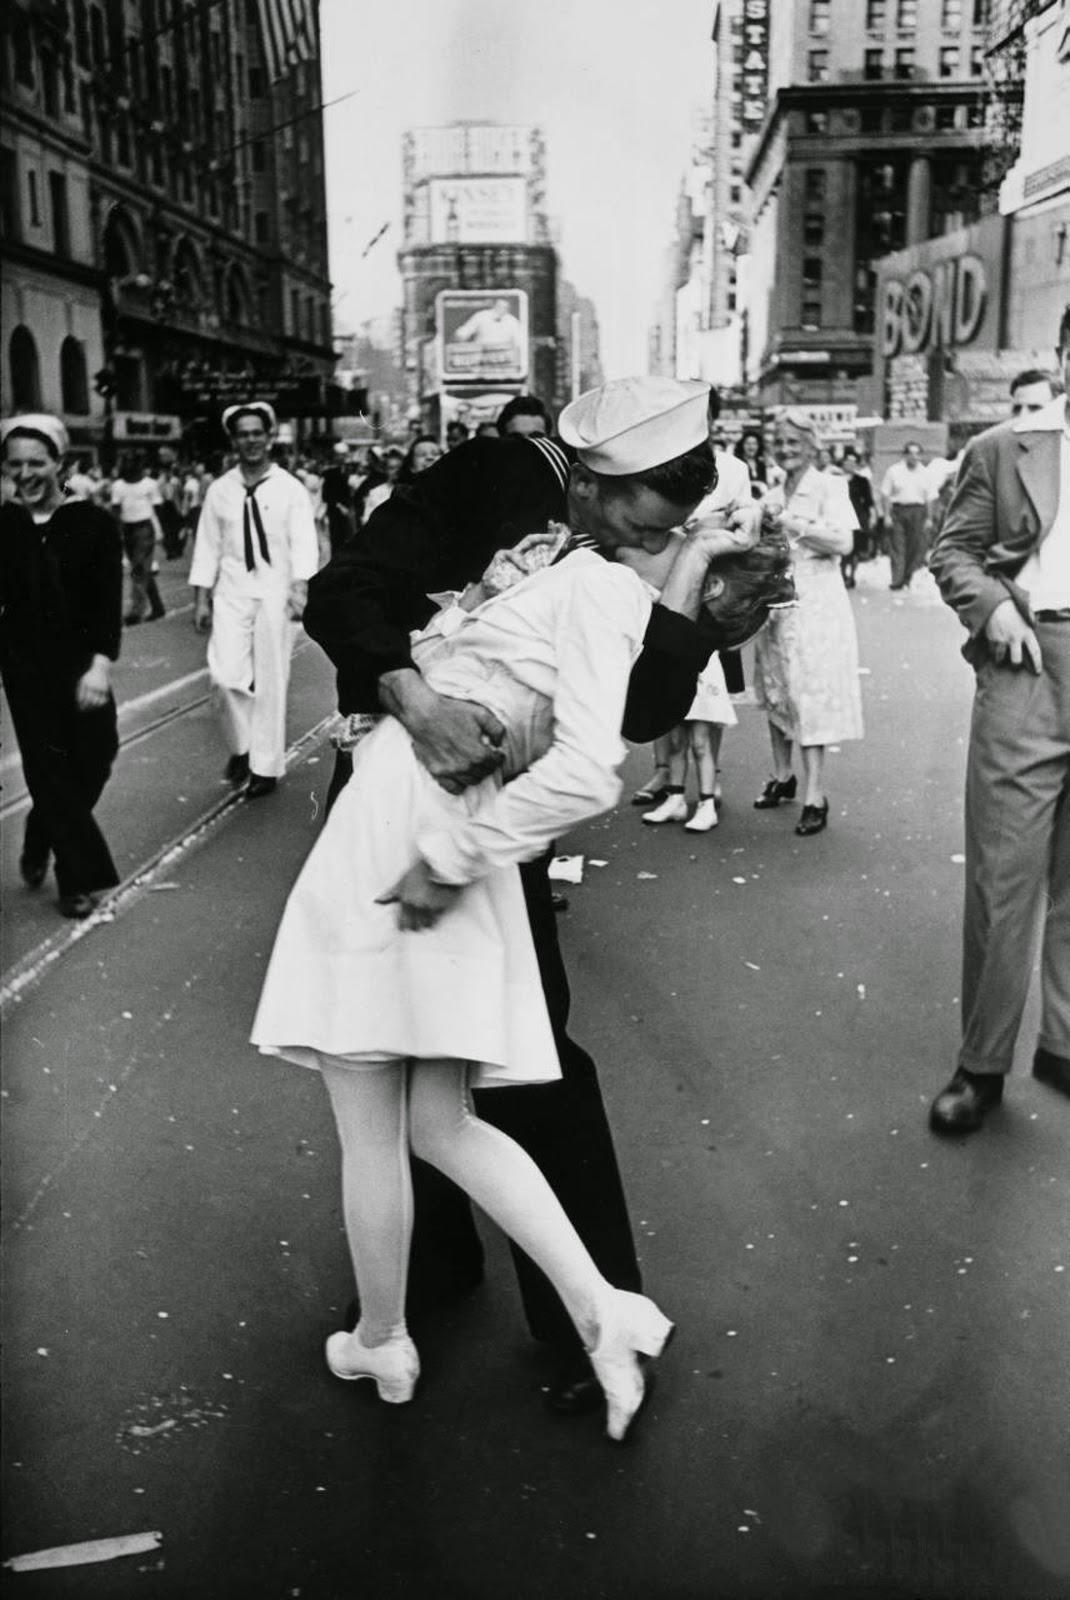 Afbeeldingsresultaat voor foto kussende matroos Times Square 14 augustus 1945